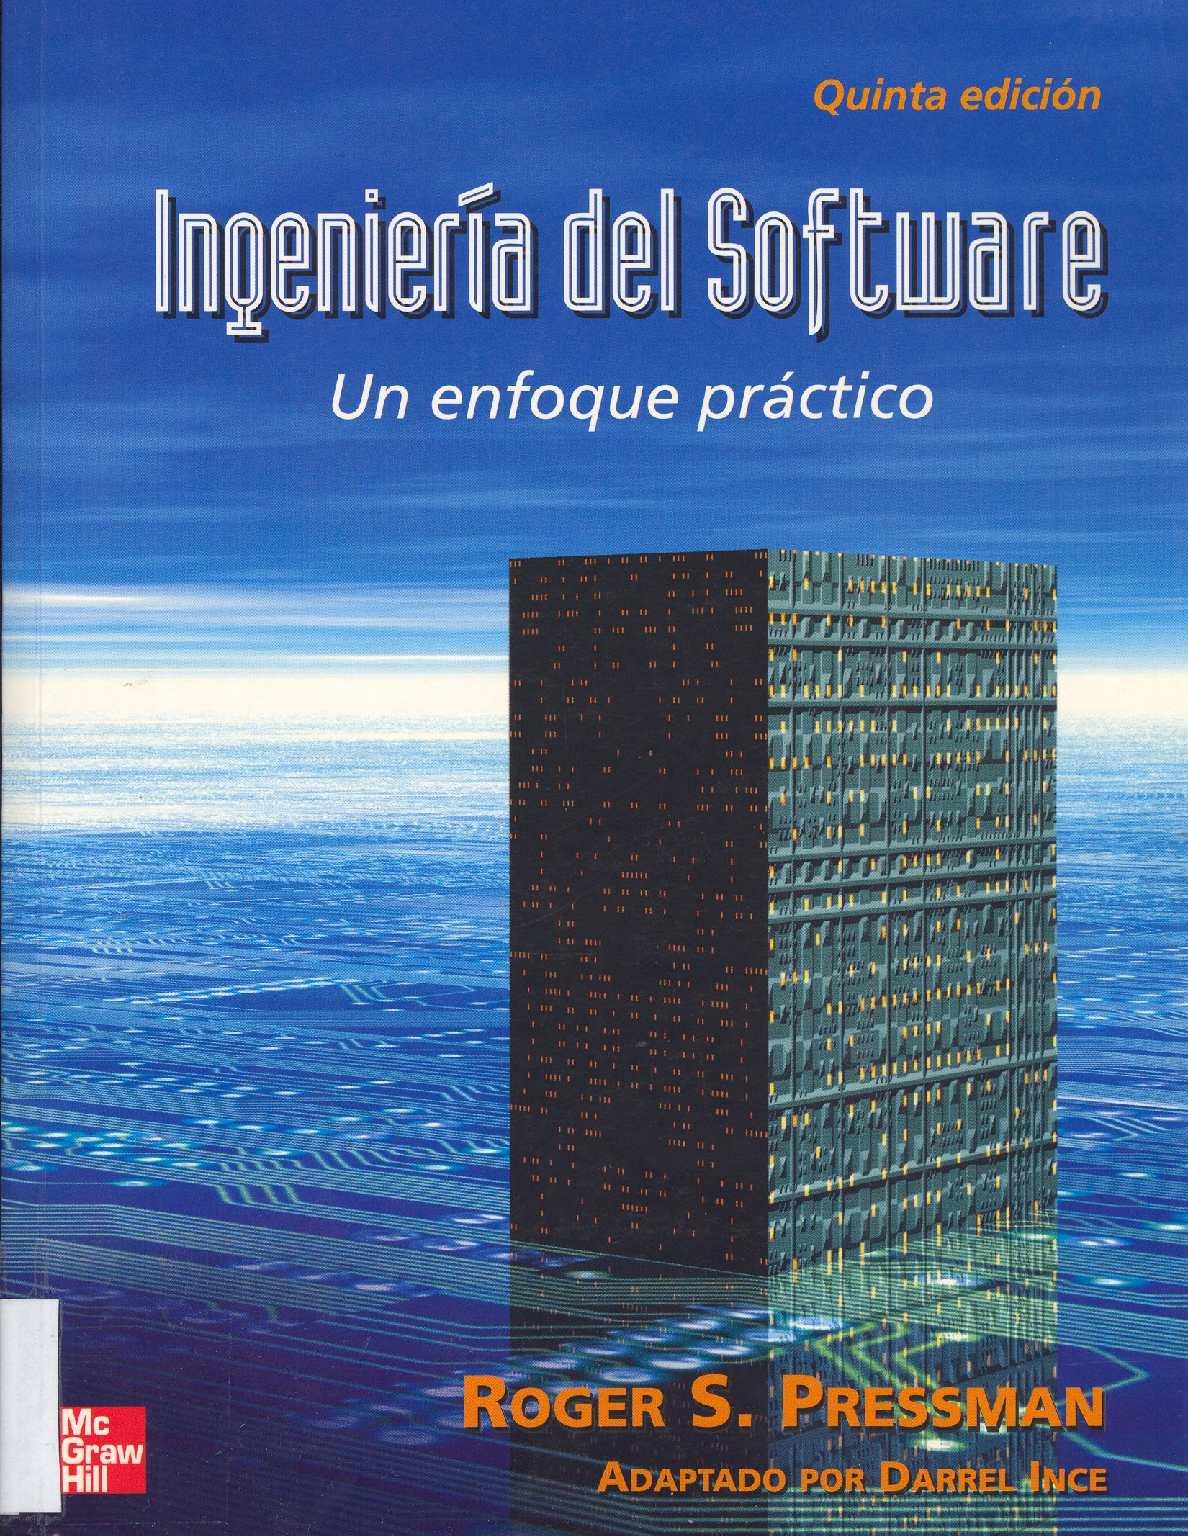 Calaméo - Ingeniería de Software, Roger S. Pressman